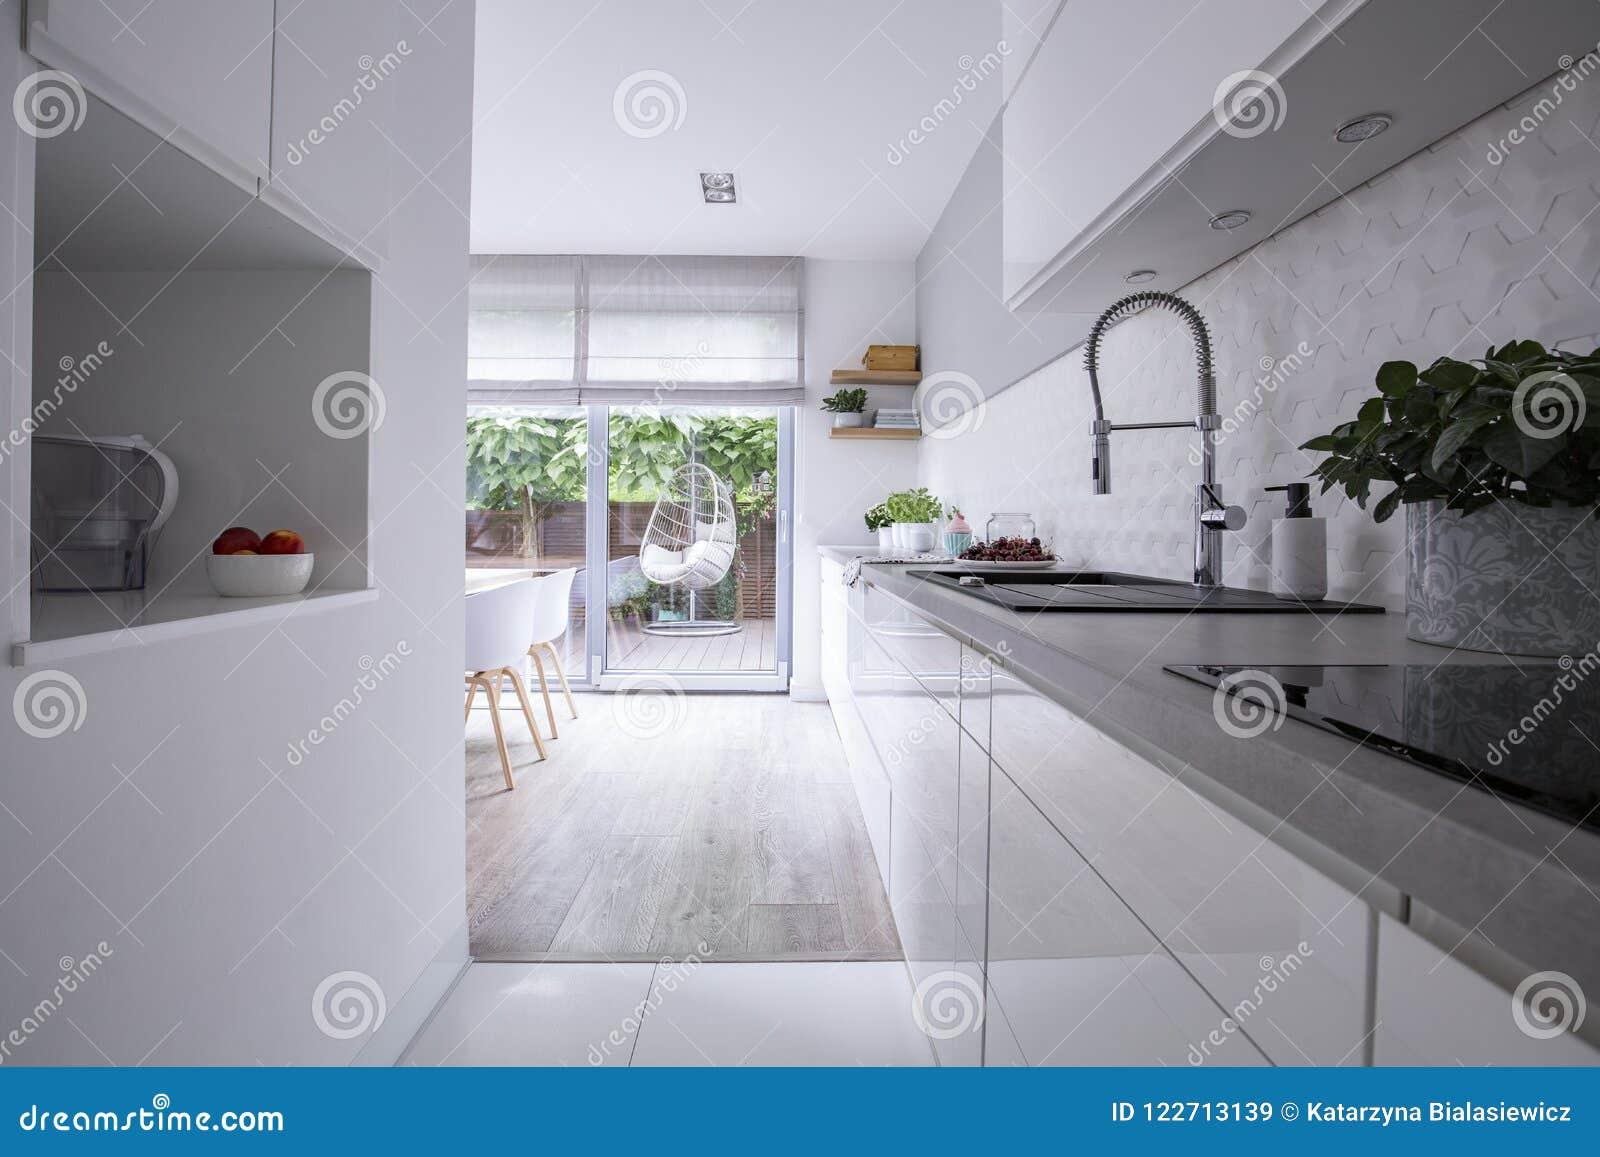 Weiße Kabinette im hellen modernen Kücheninnenraum des Hauses mit Terrasse Reales Foto